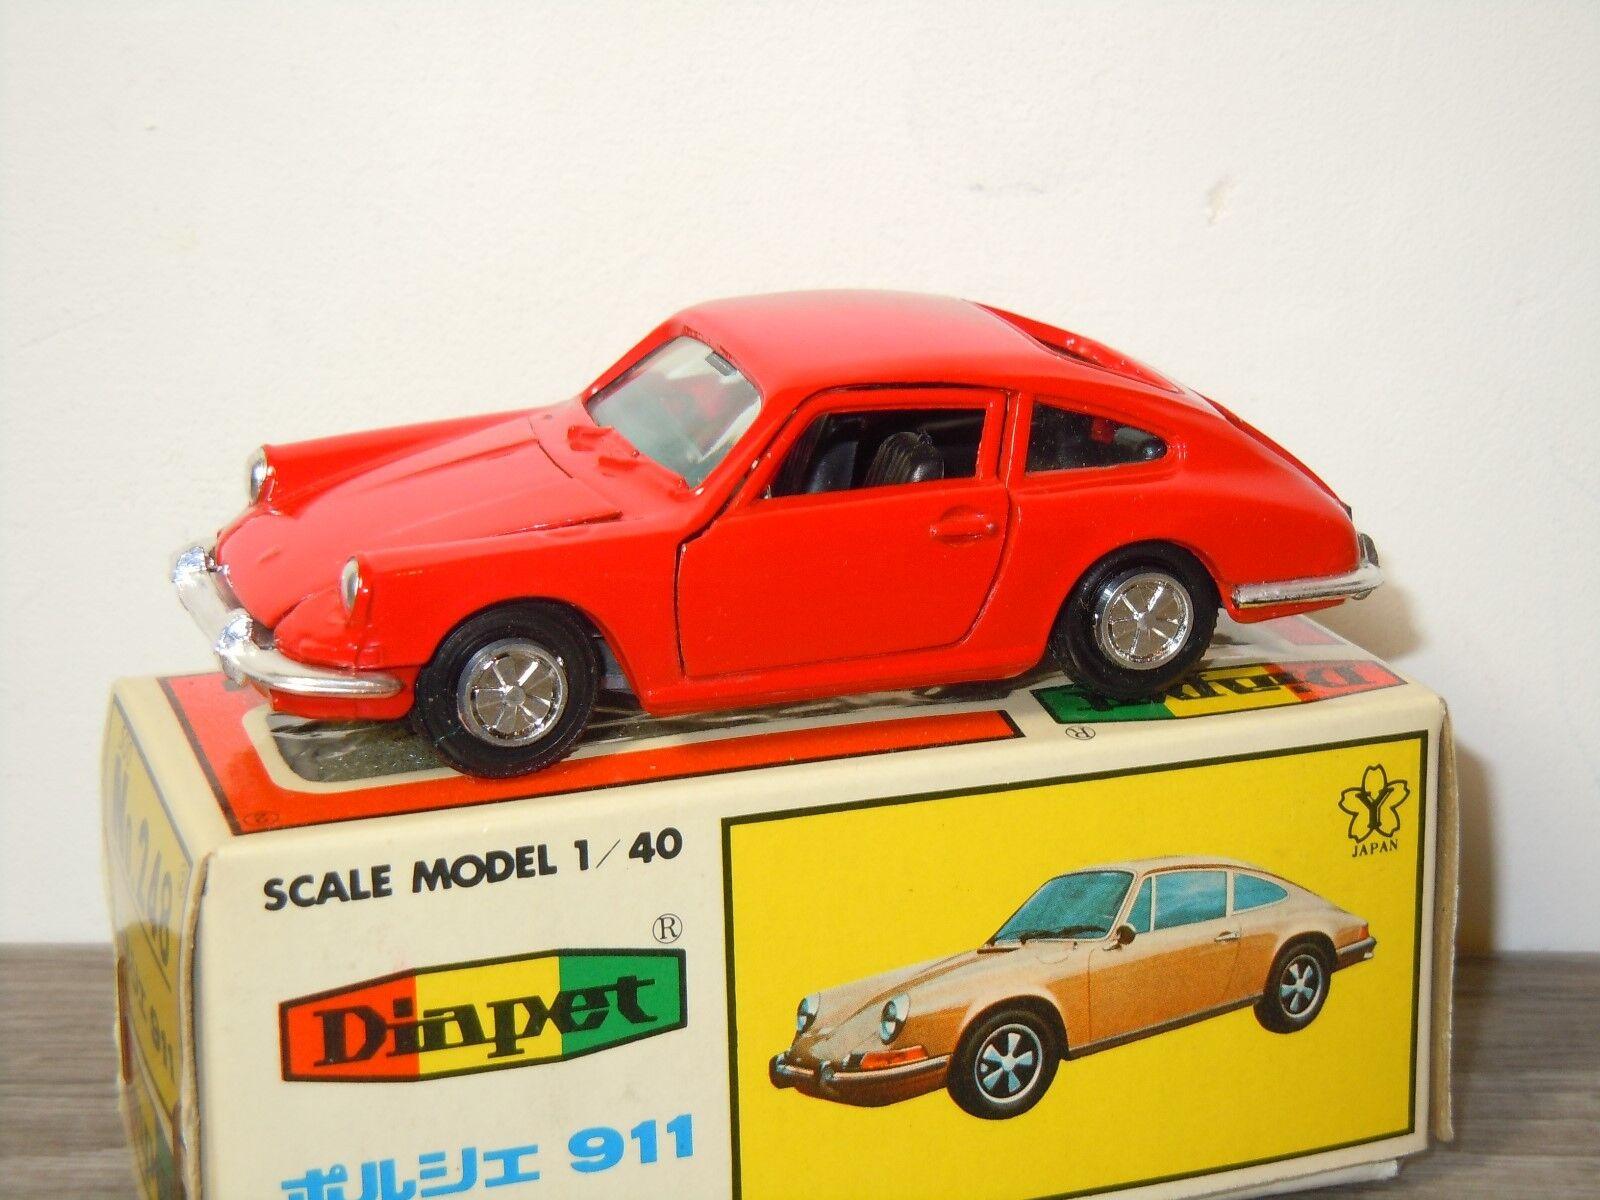 bajo precio Porsche 911 Coupe van Diapet Yonezawa Juguetes 248 Japan 1 1 1 40 in Box 26660  liquidación hasta el 70%